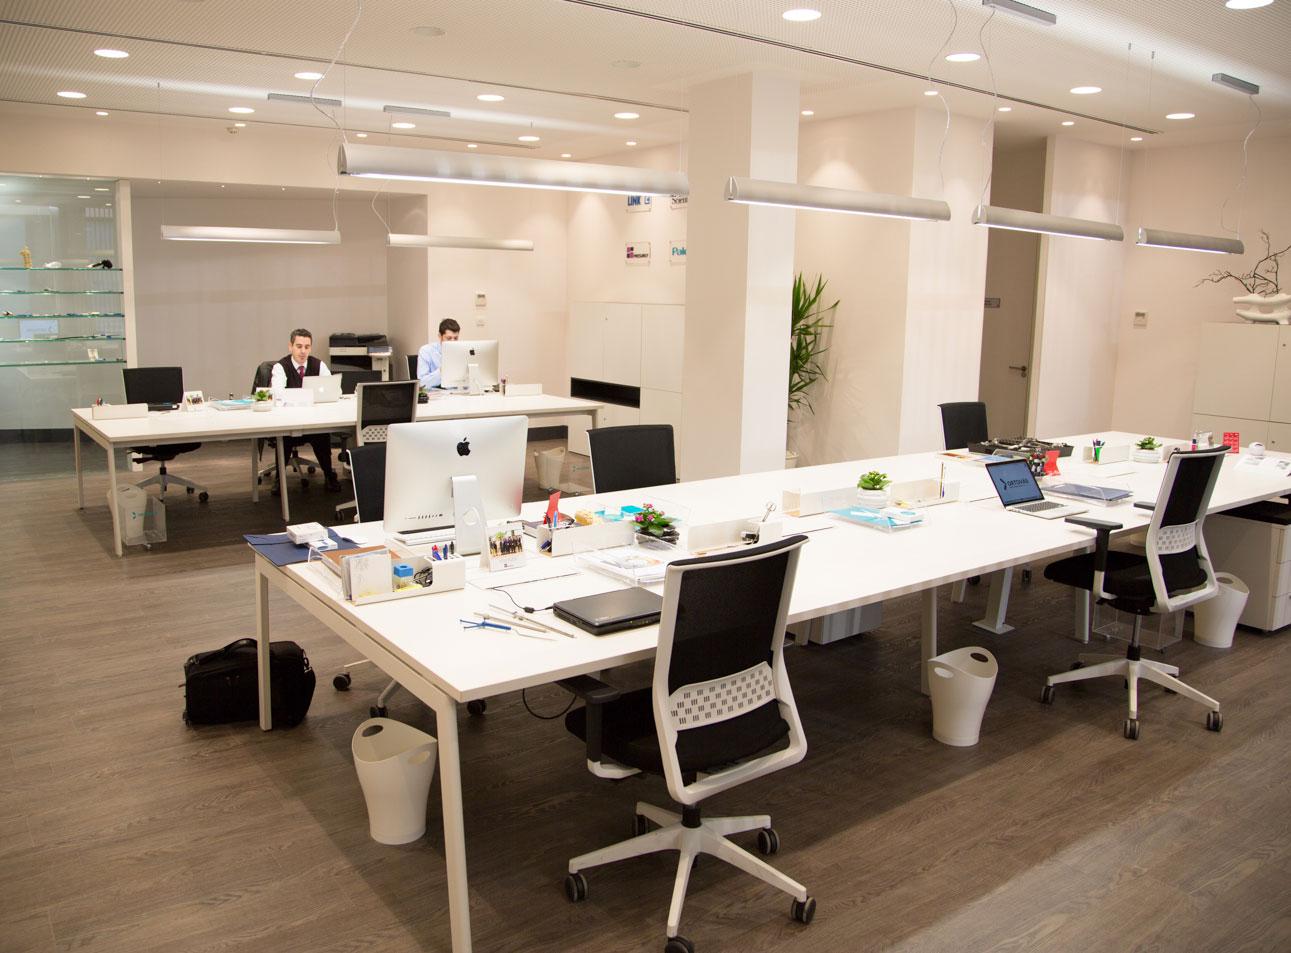 Las oficinas e instalaciones de ortov s m dica for Red de una oficina